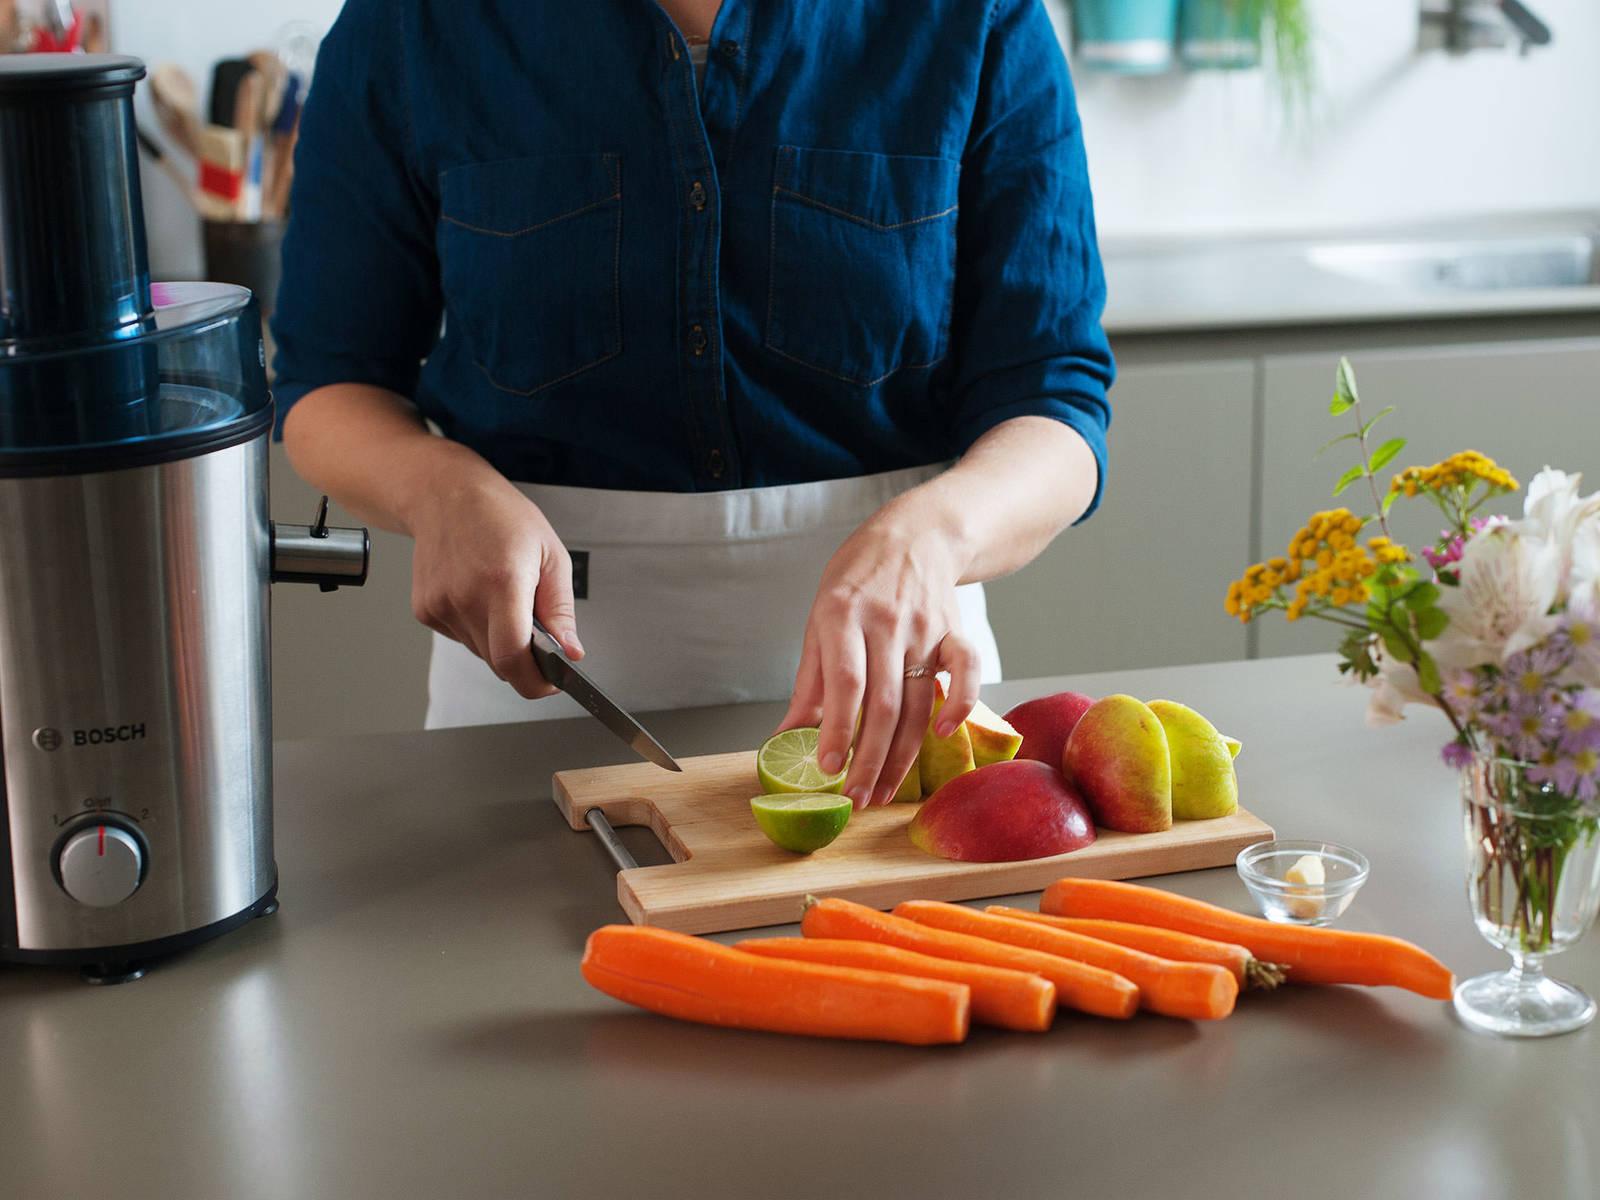 苹果去核,切成大块,生姜去皮。可视个人偏好给胡萝卜削皮。青柠切半。